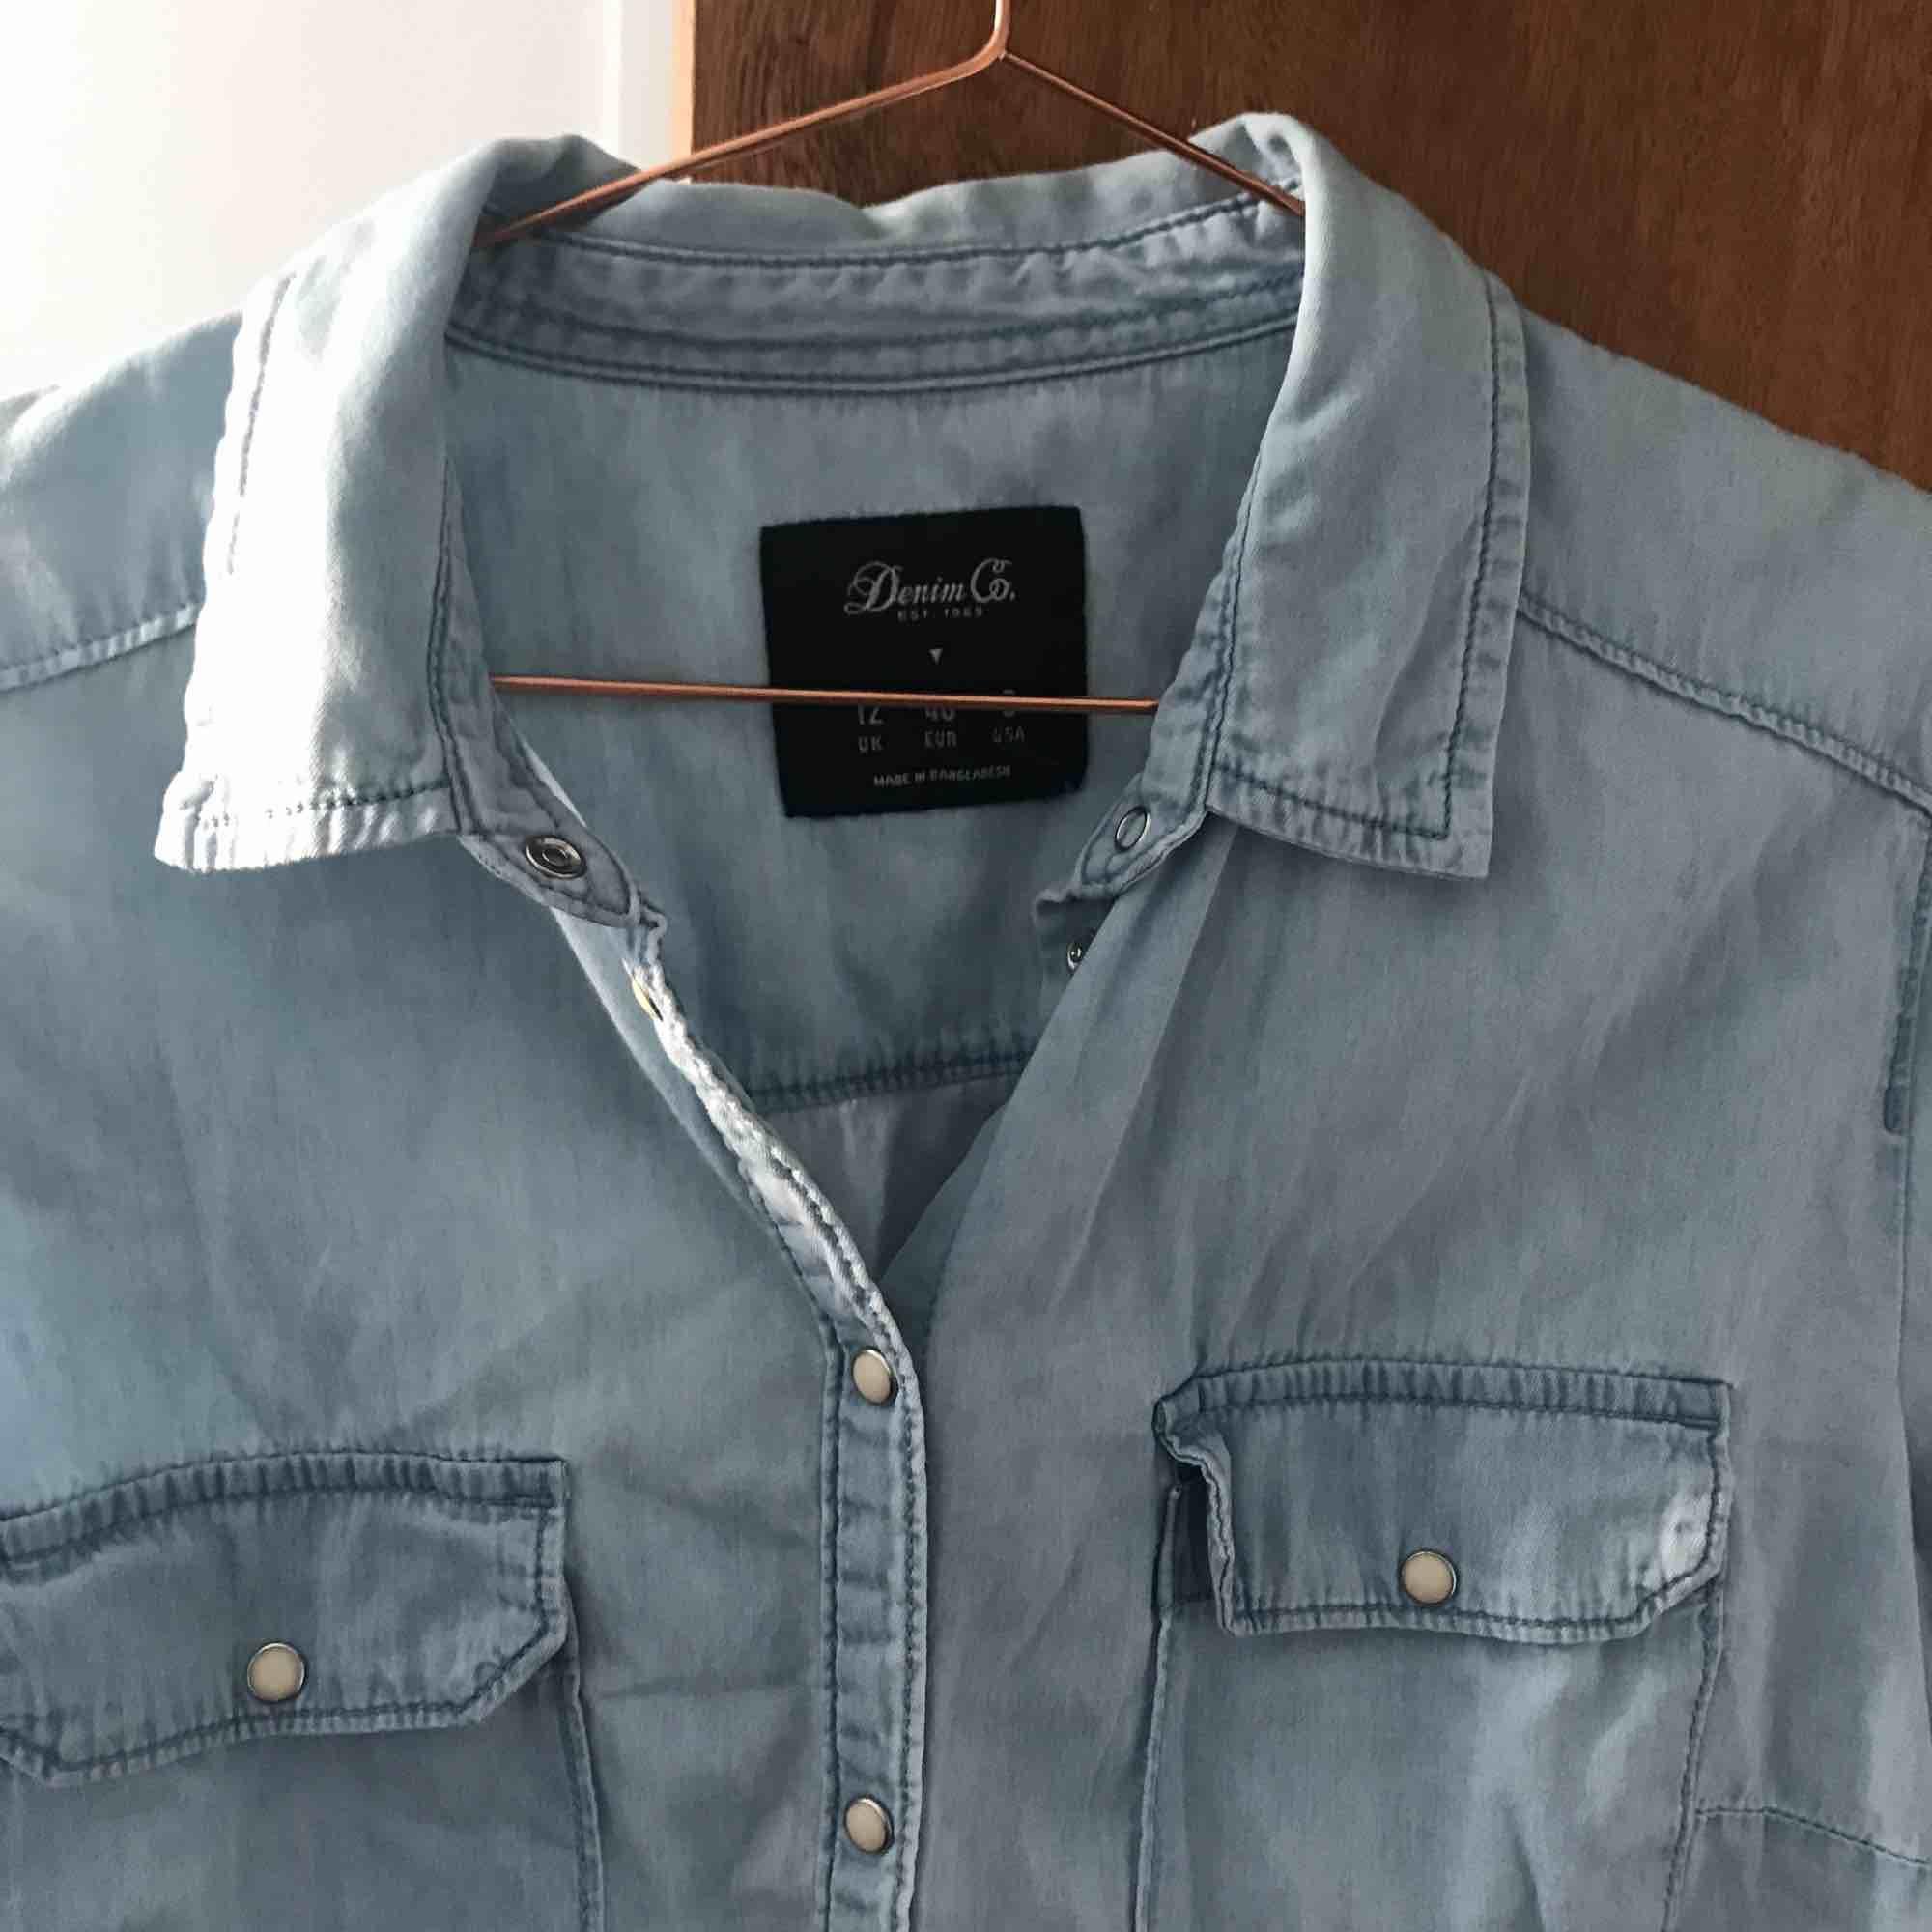 Ljus jeanskjorta med pärl knappar liten i strl, knappt använd, kan mötas upp i gbg annars står köparen för frakt. Skjortor.